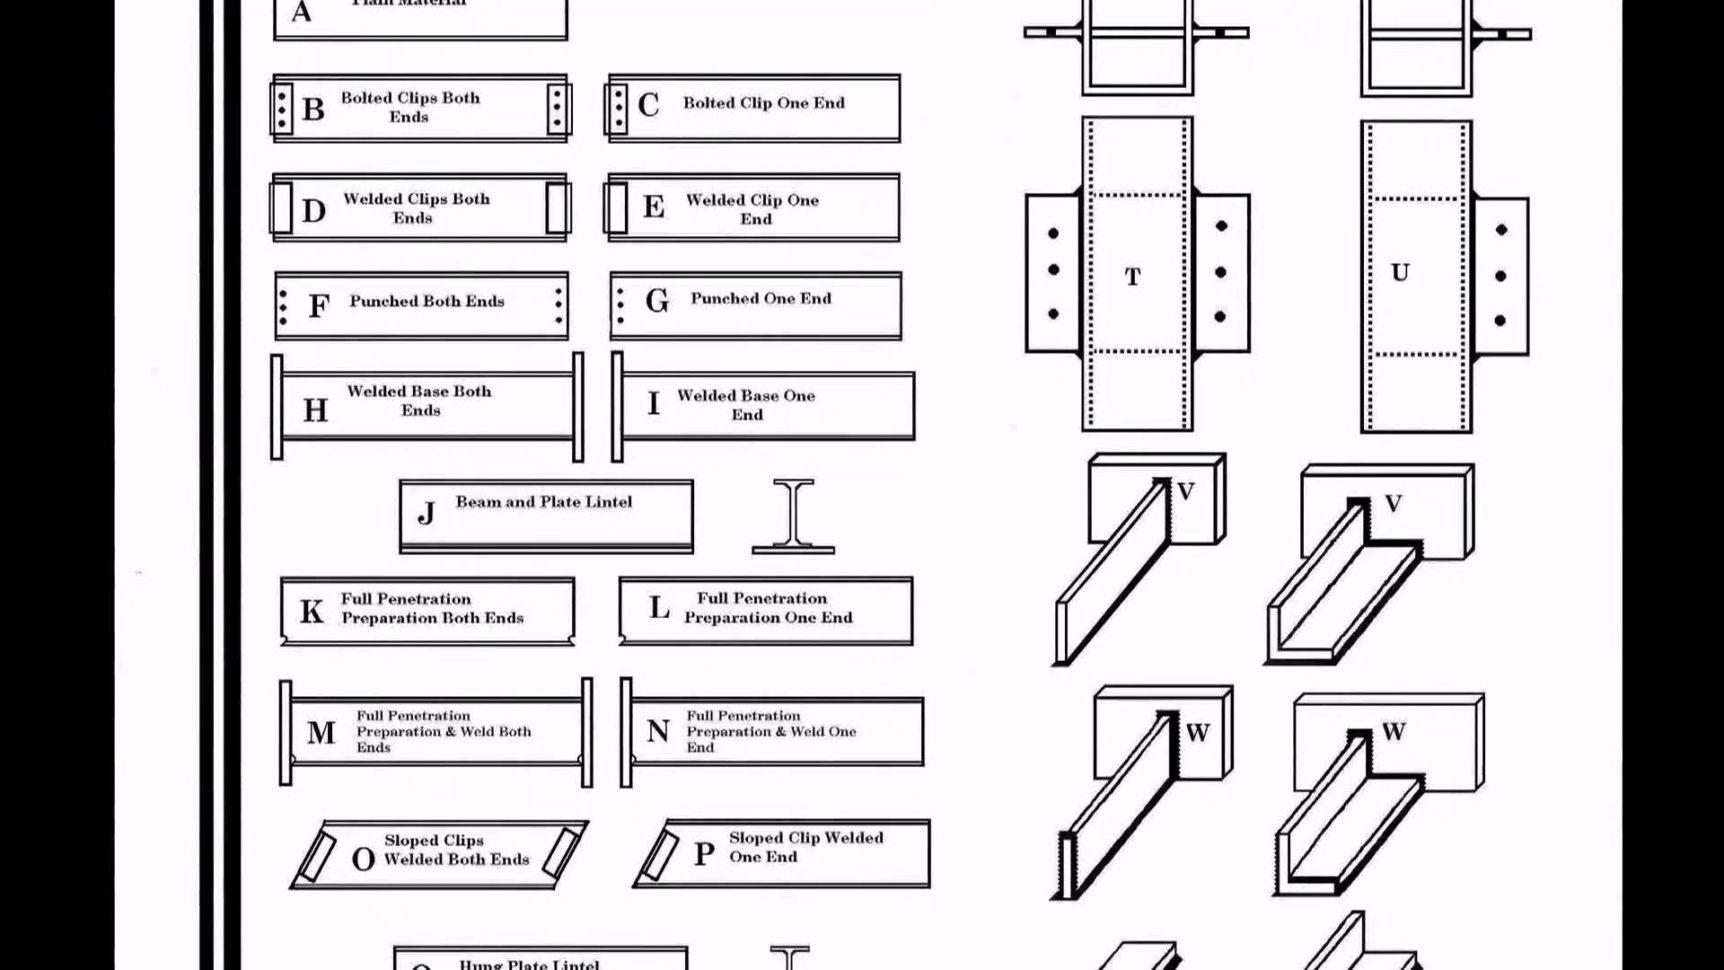 Structural Steel Takeoff Spreadsheet Inside Steel Takeoff Spreadsheet Free Templates